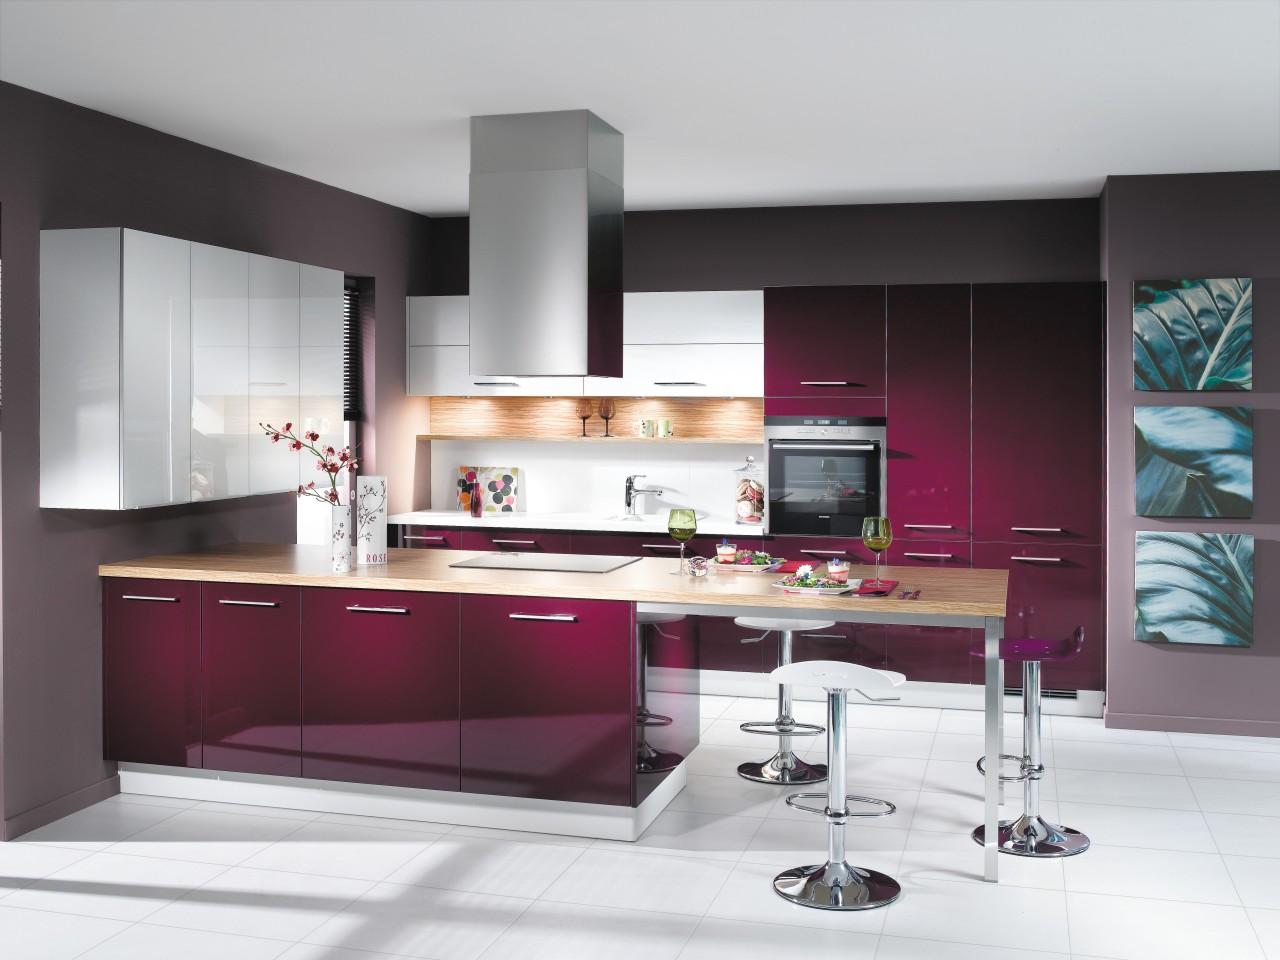 Good taste  Bold, daring designs emphasising vibrant cabinetry, countertop, cuisine classique, furniture, interior design, interior designer, kitchen, product design, white